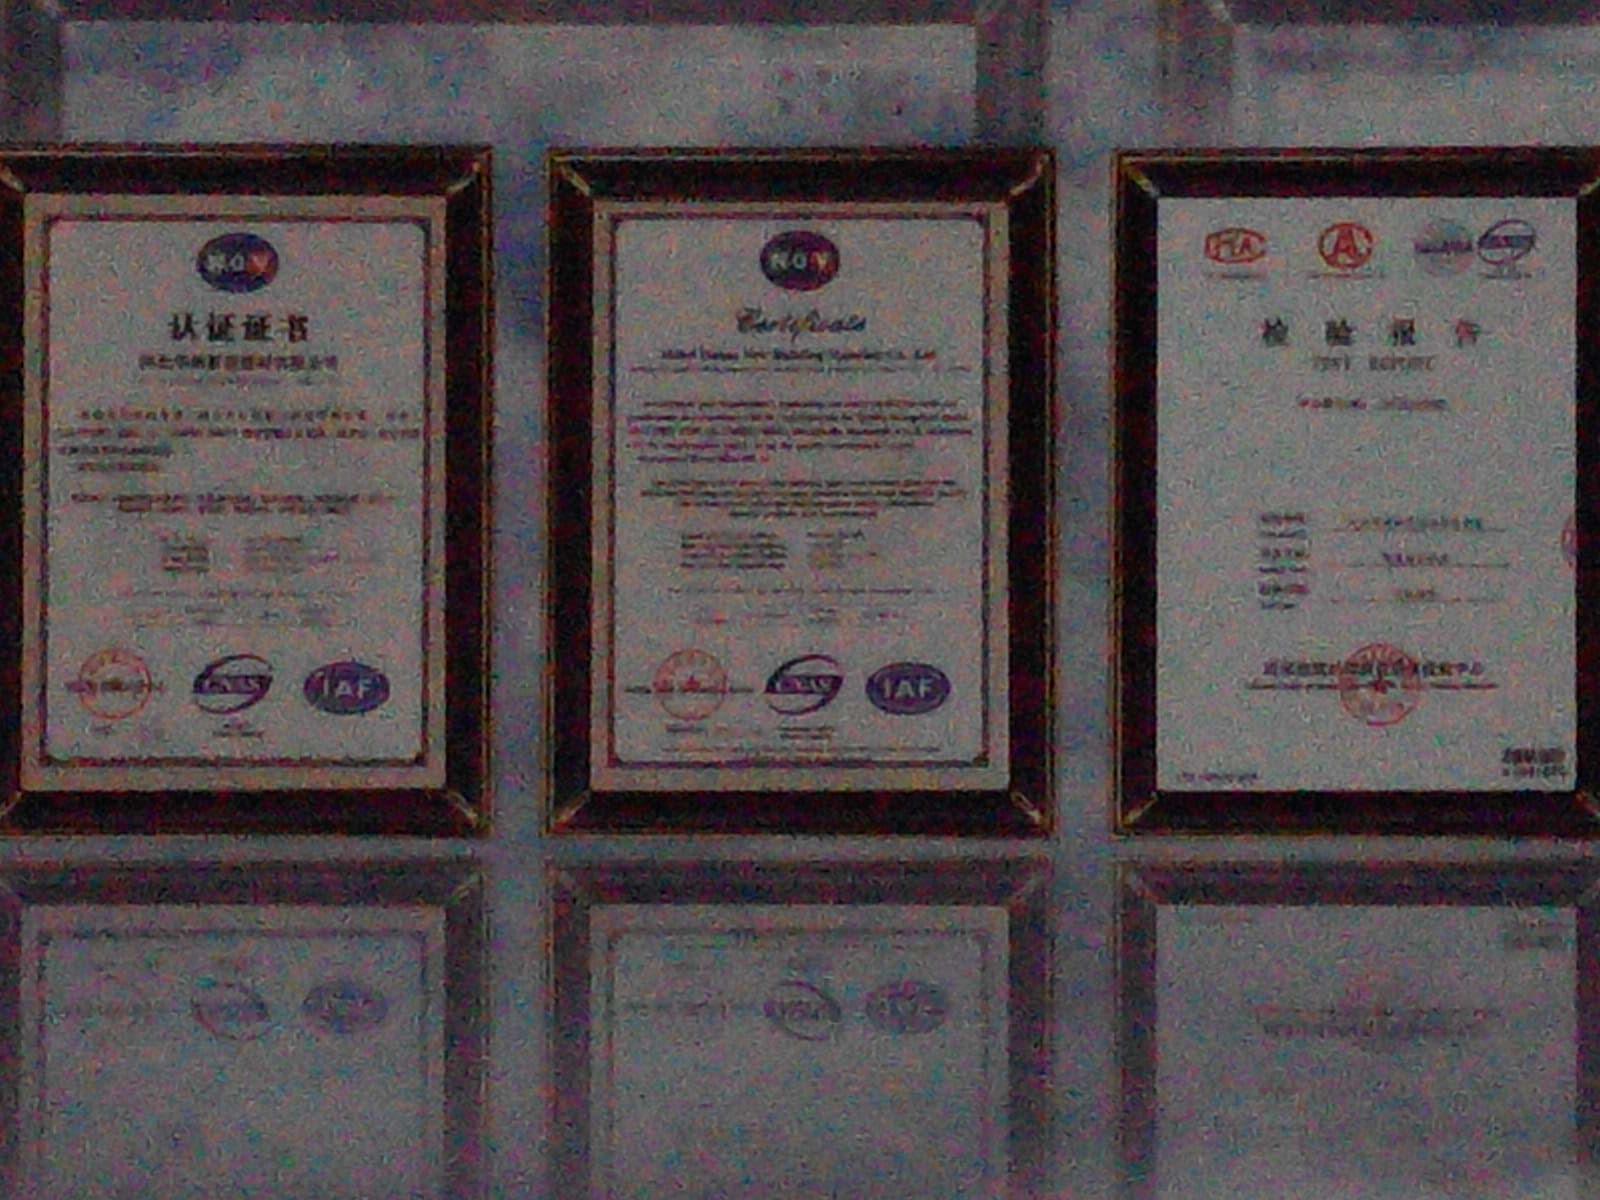 硬泡聚氨酯复合板的价格范围如何,聚氨酯板供应厂家